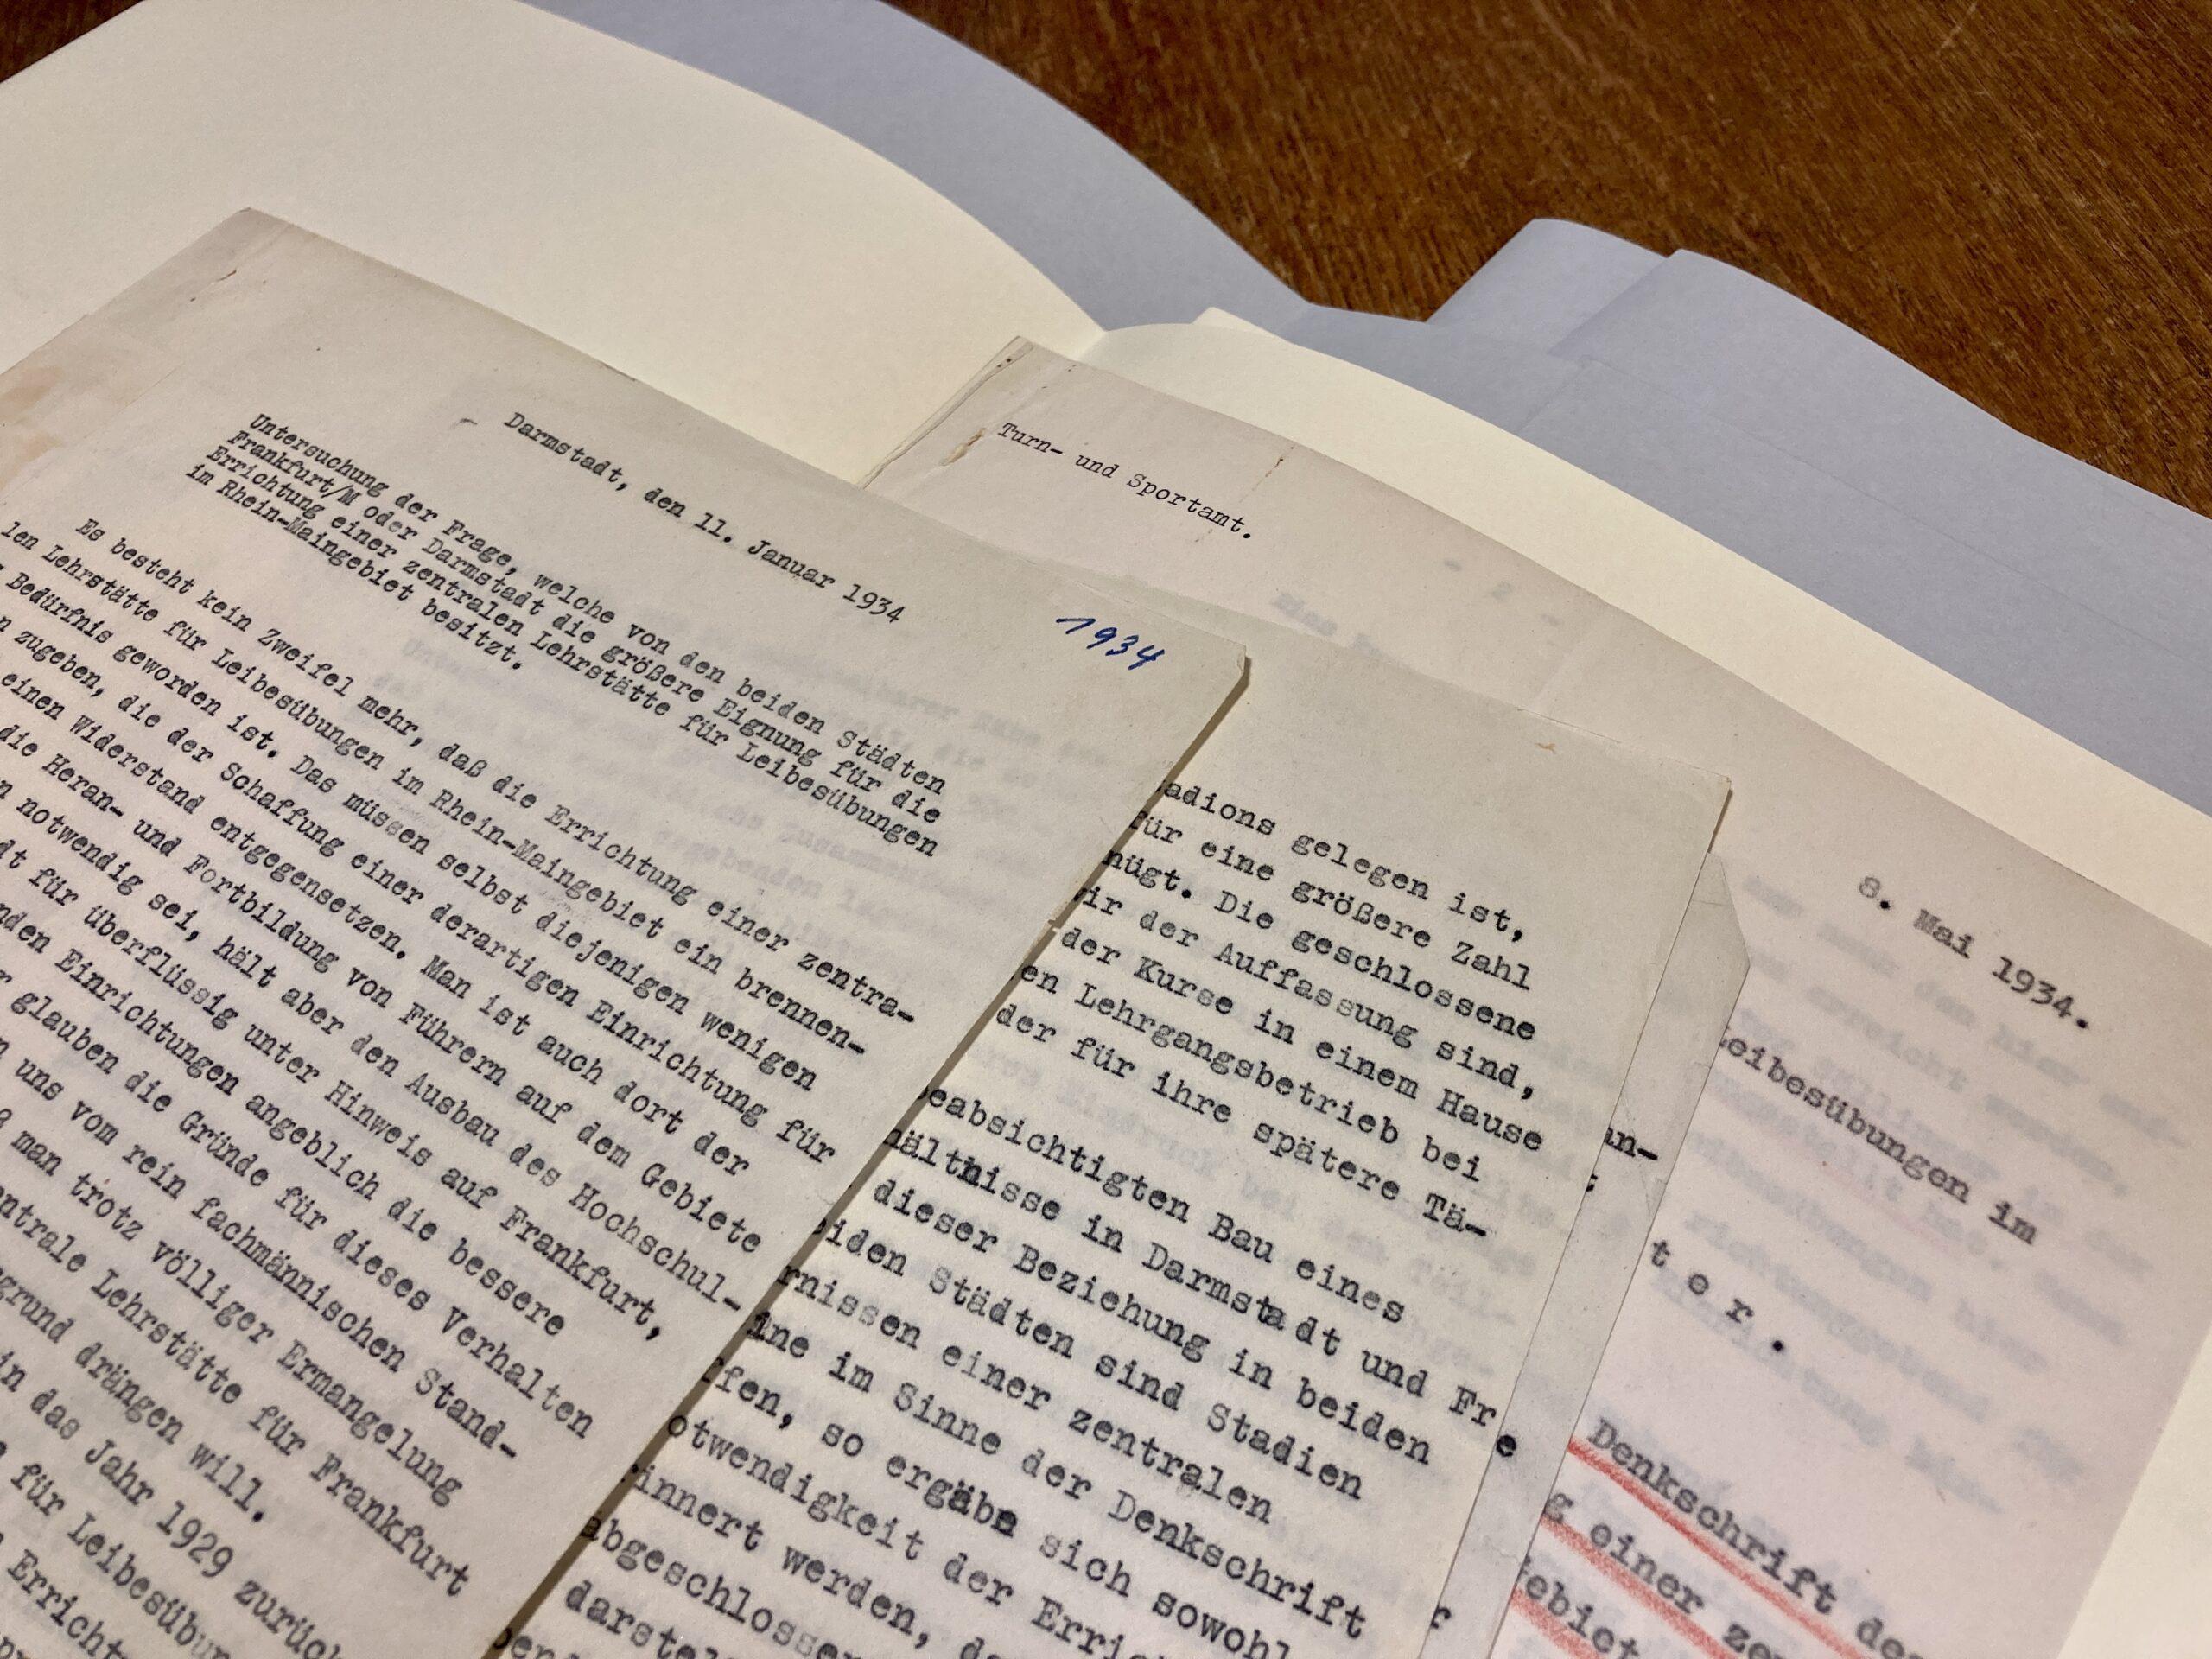 Aufgefächert liegen mehrere Schriftstücke aufeinander. Es ist von jeder Seite nur das obere Drittel zu sehen. Alle Seiten sind mit Schreibmaschine beschriftet. Unter den dünnen Papieren ist archivisches Verpackungsmaterial zu sehen.